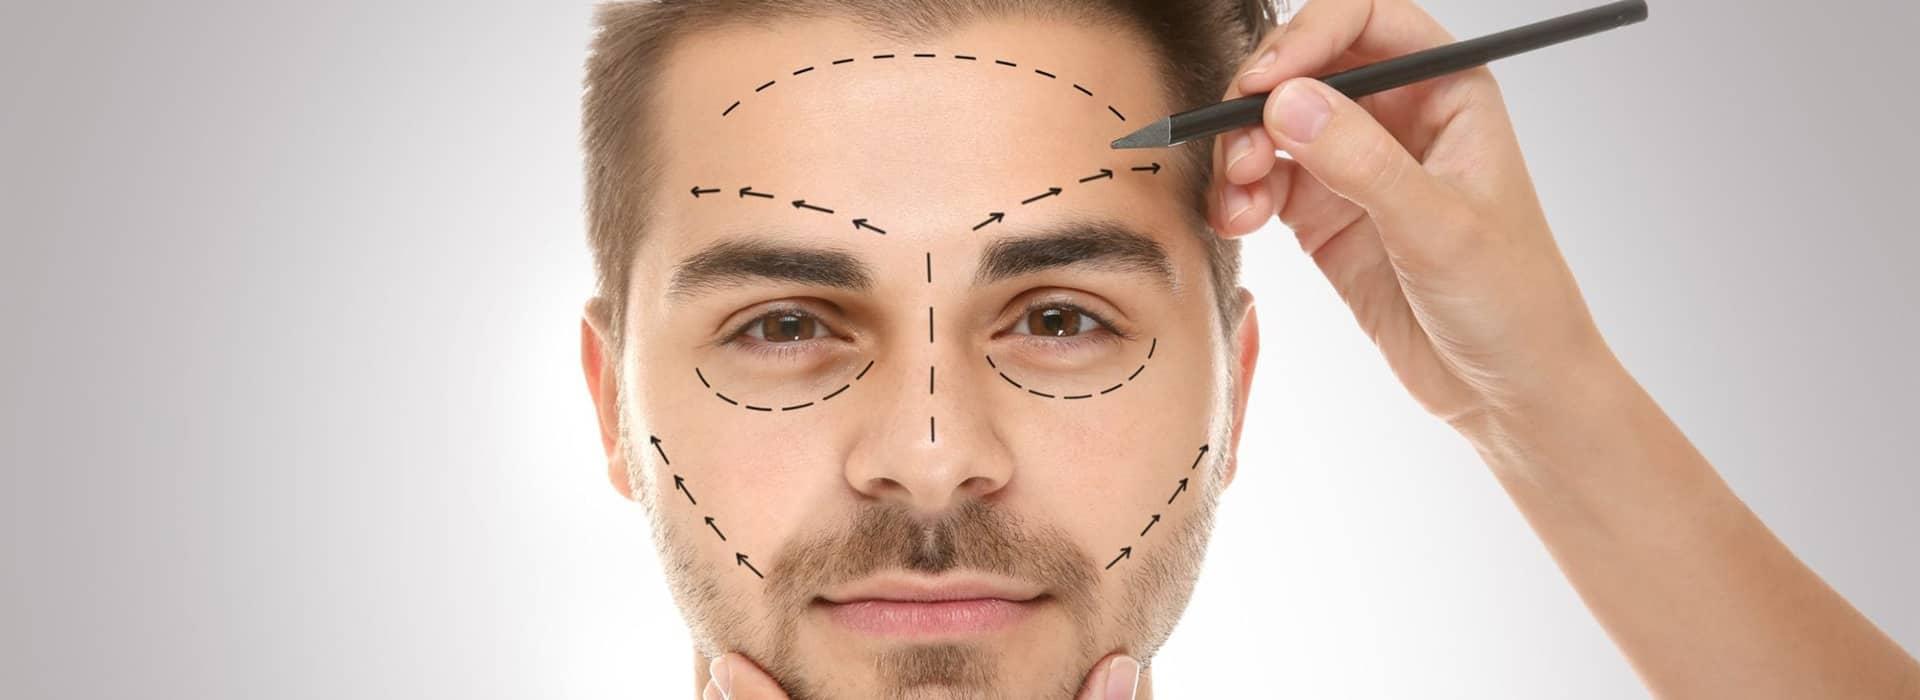 services-plastic-surgery